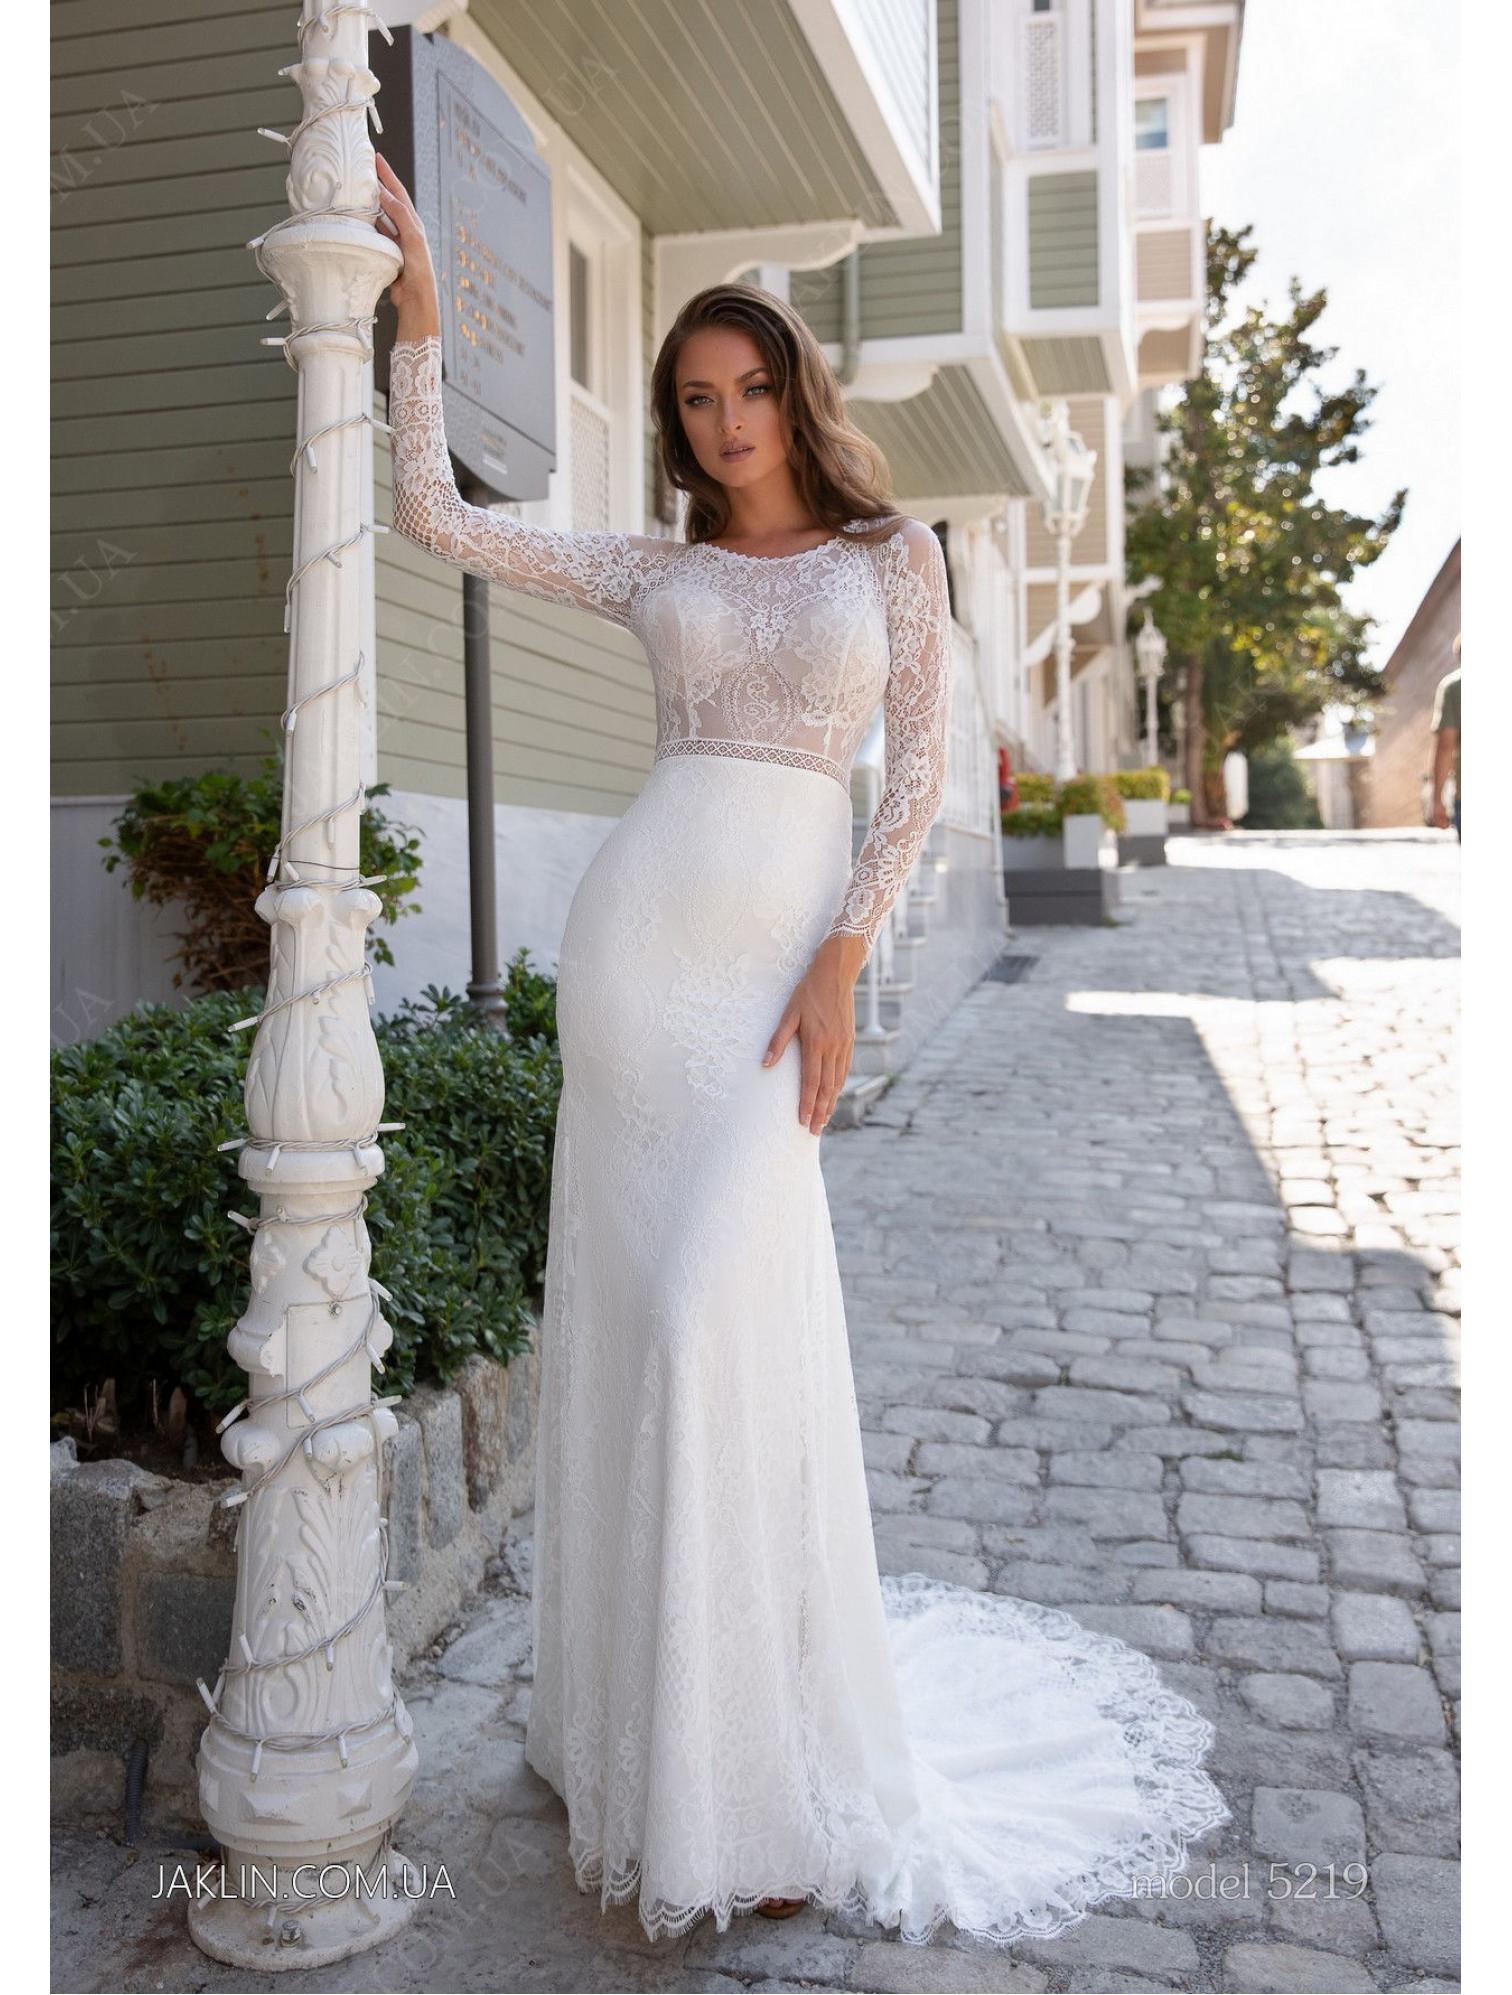 Свадебное платье 5219